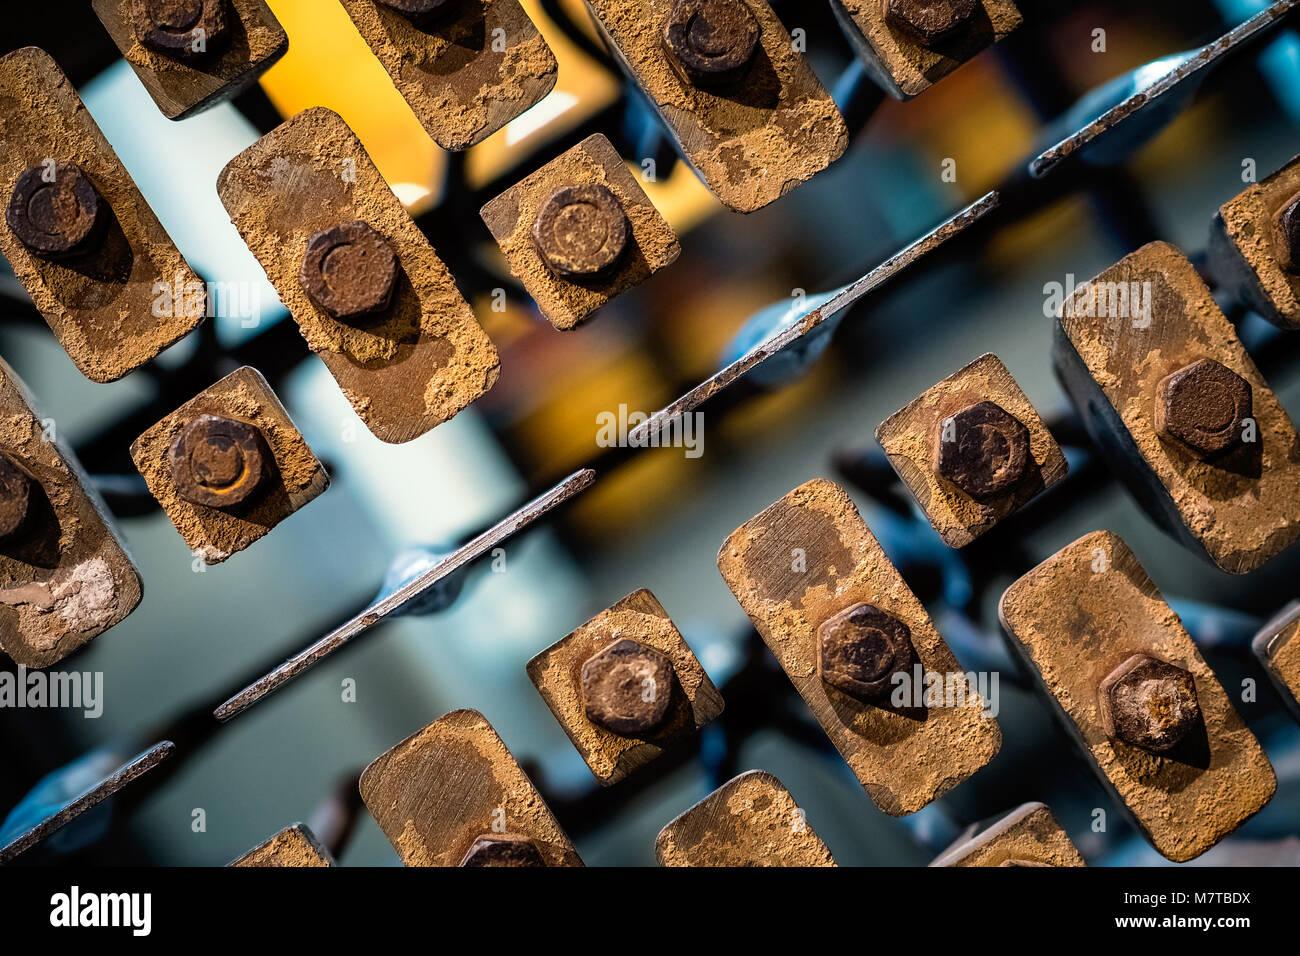 Un outil de création de modèle (trous) dans les briques en cours de fabrication Photo Stock